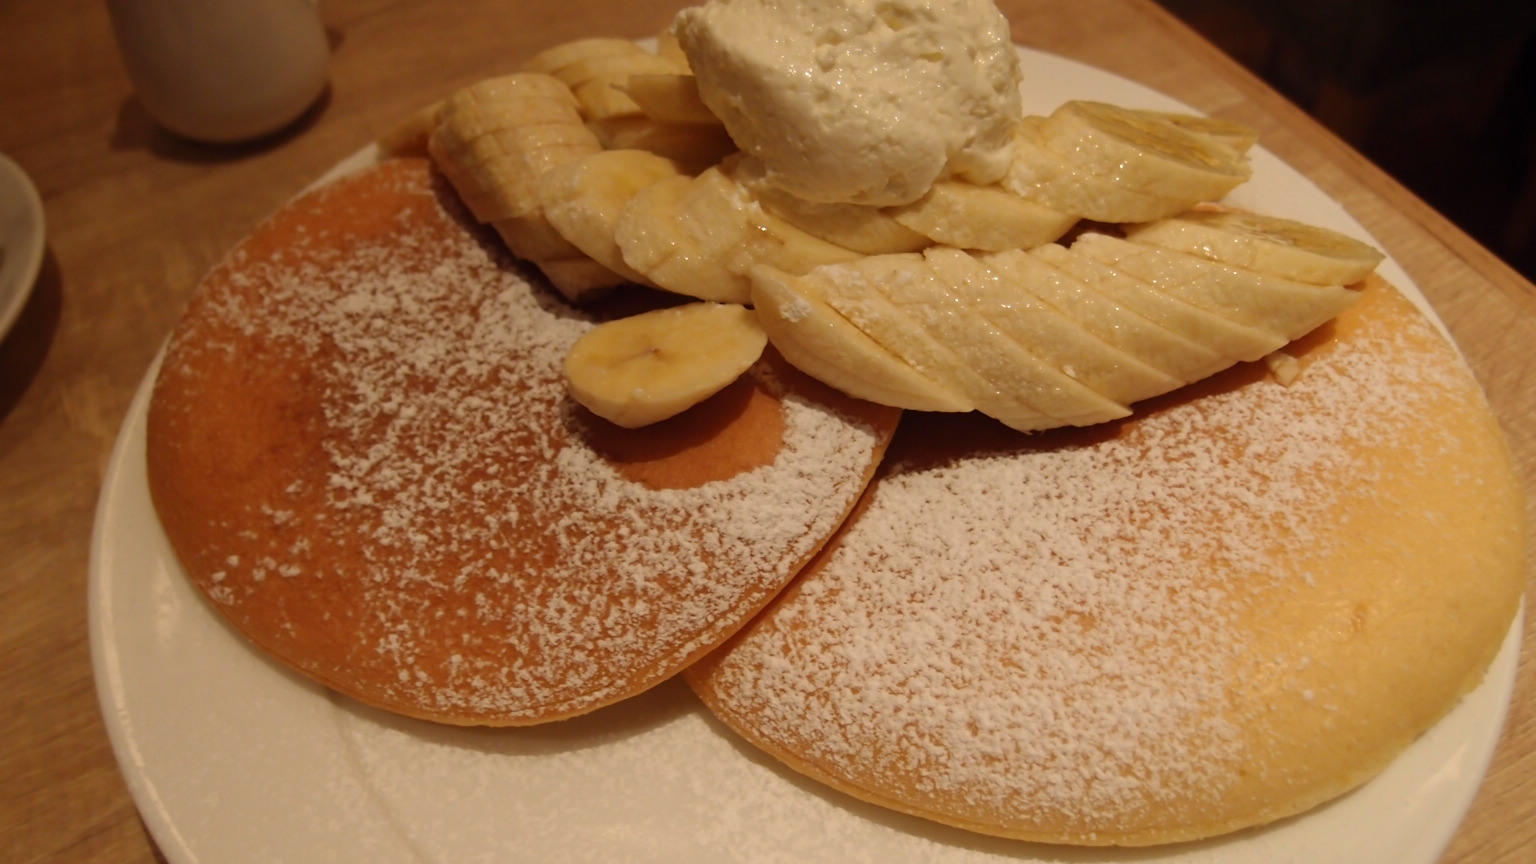 有楽町 モアナキッチンカフェ@イトシア ハワイアンパンケーキ